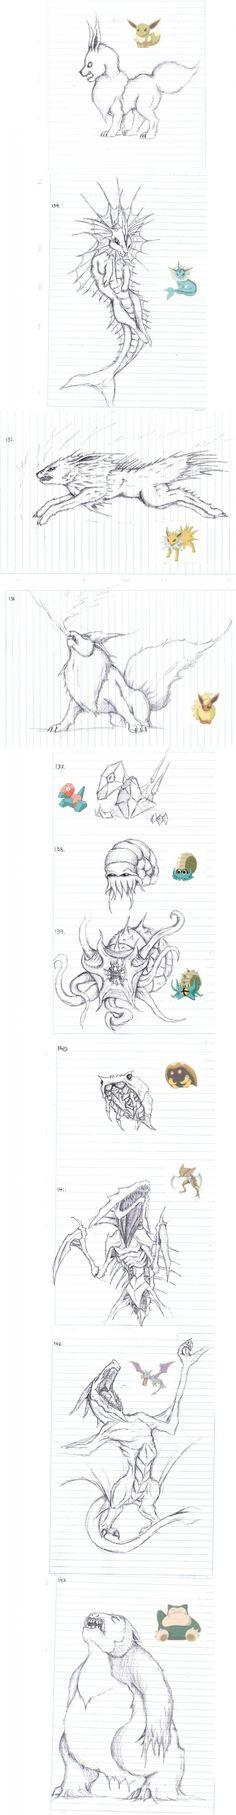 150 Pokemon sketches